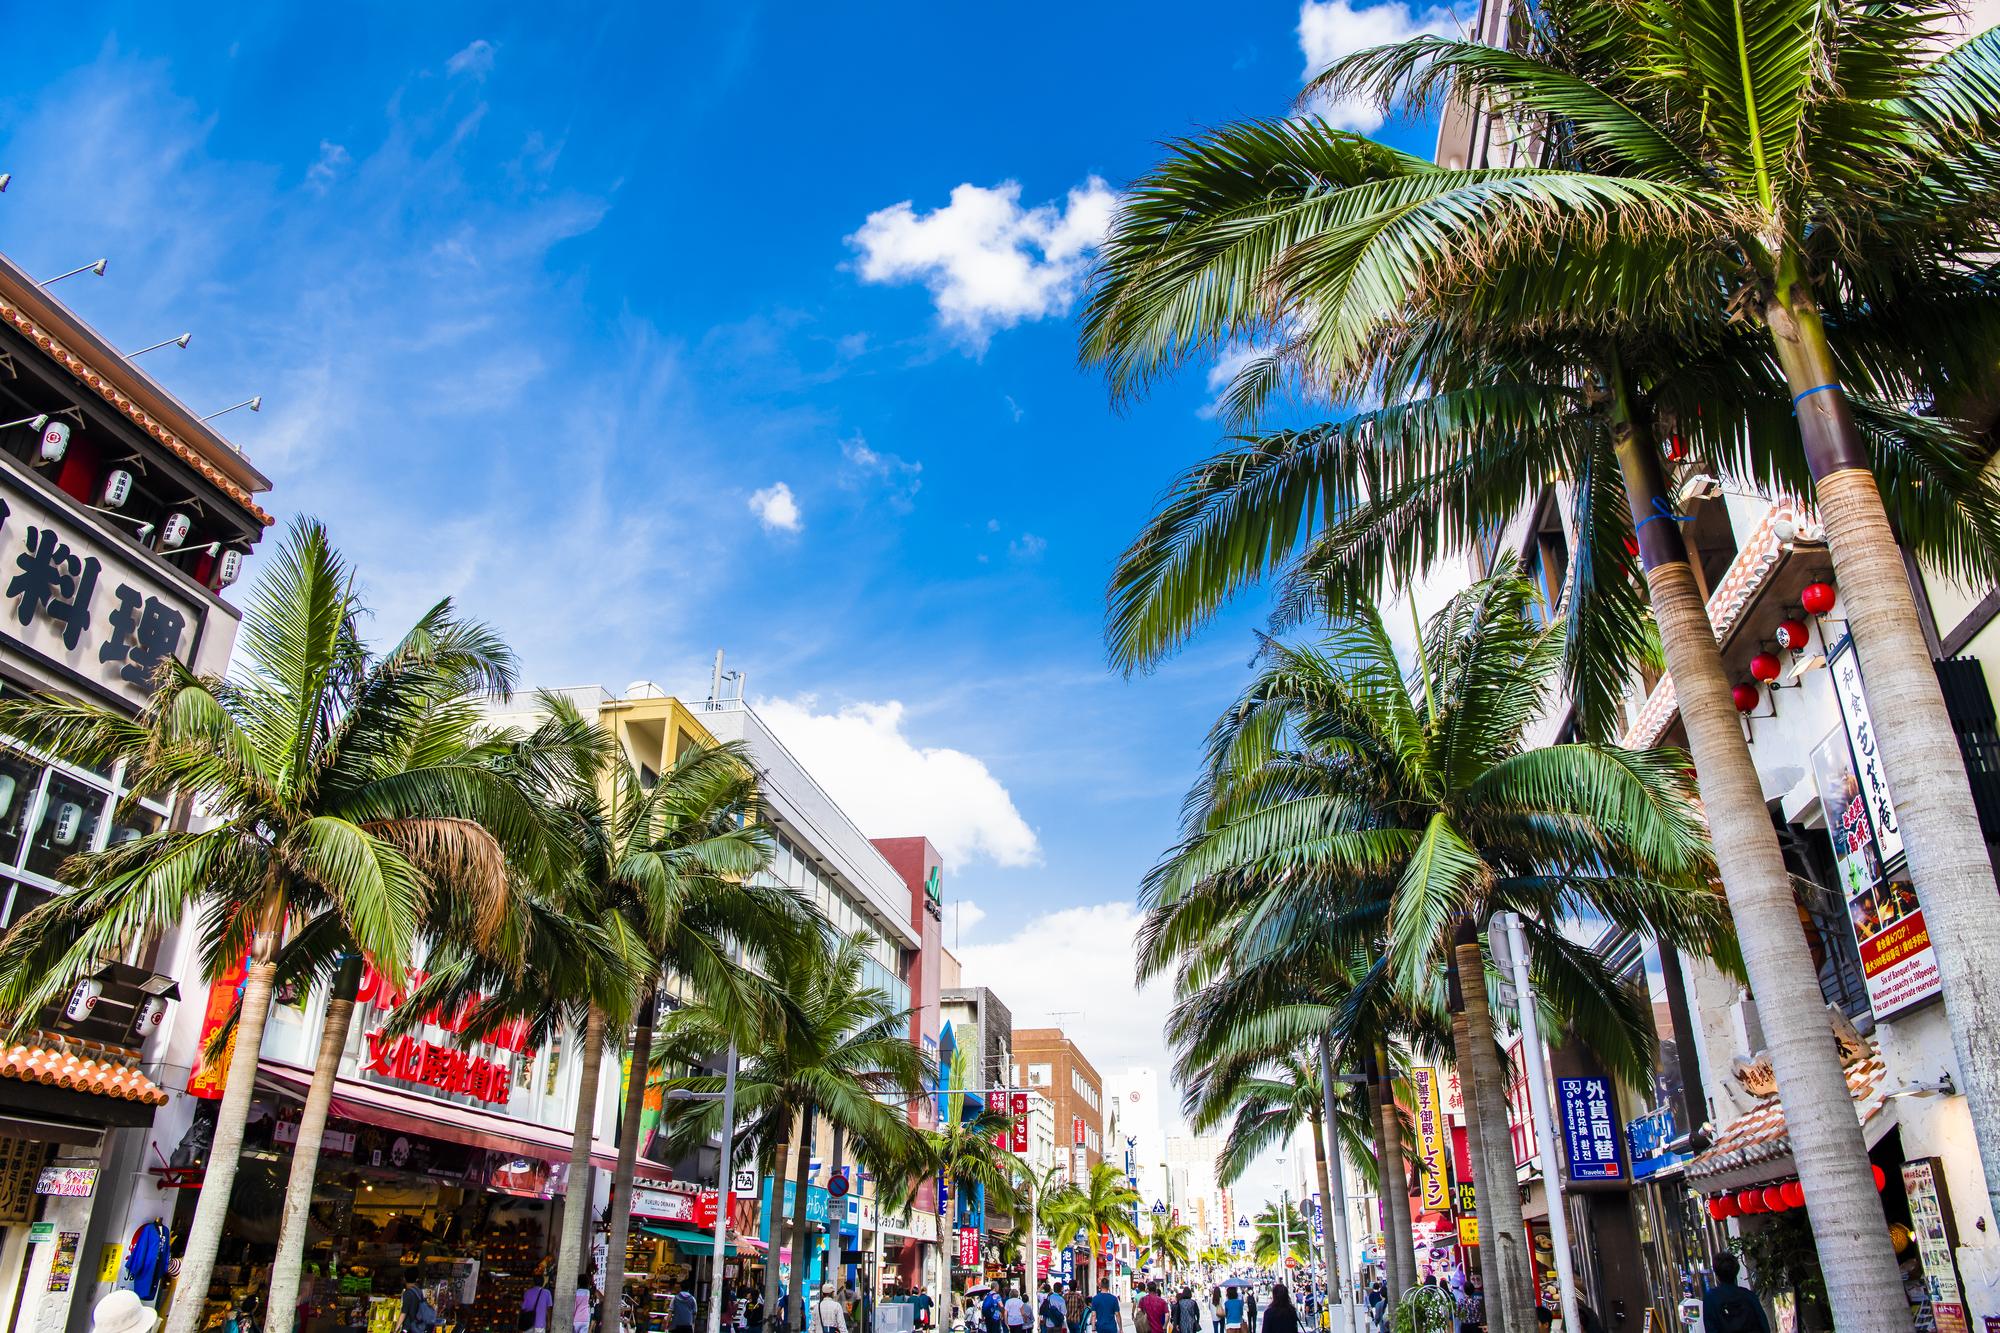 沖縄、ハネムーン、年末年始